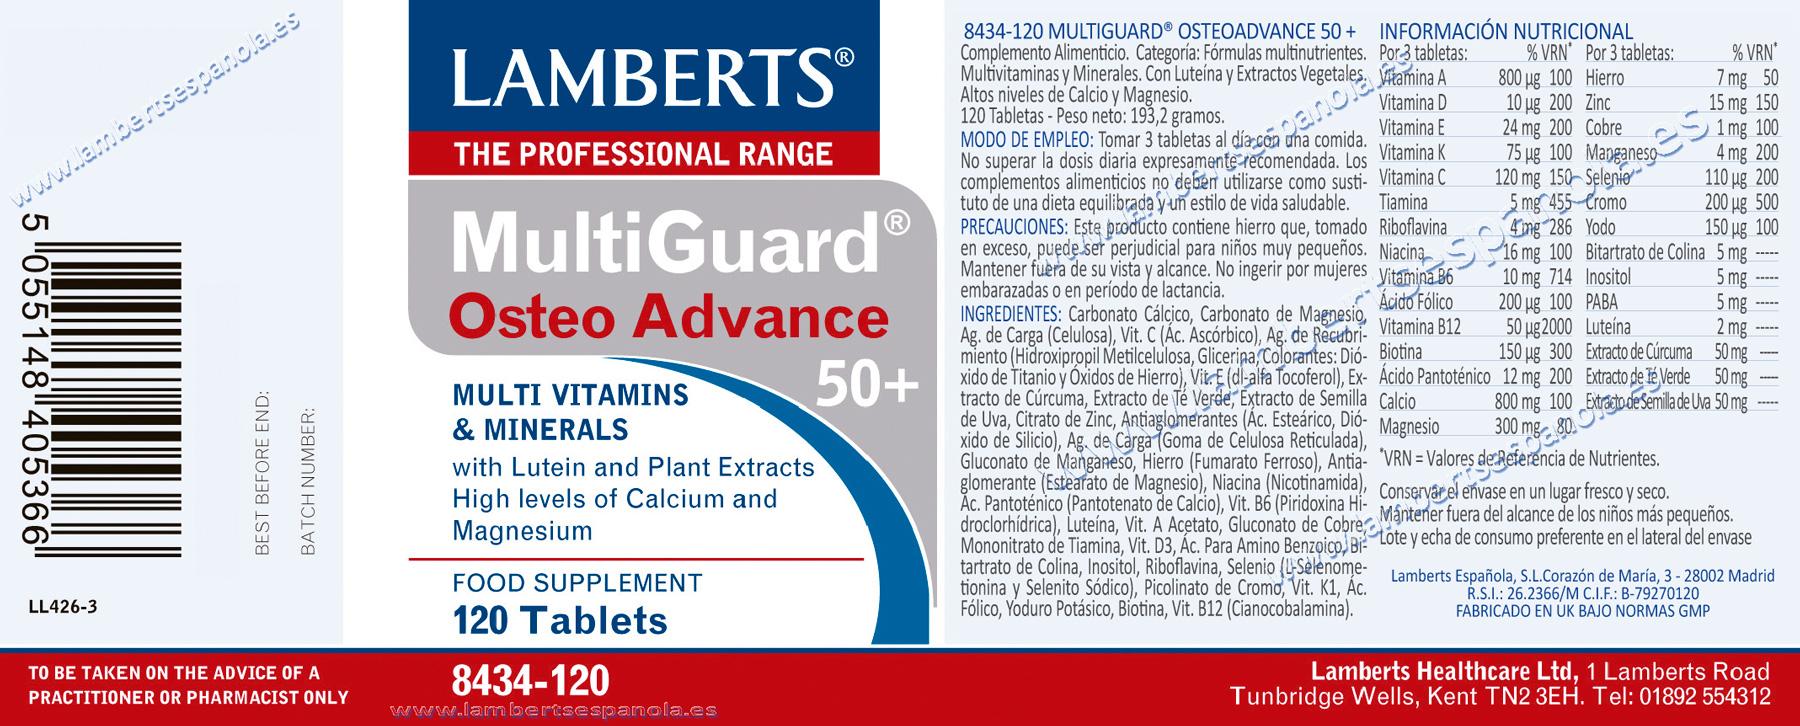 Multiguard-Osteoadvance